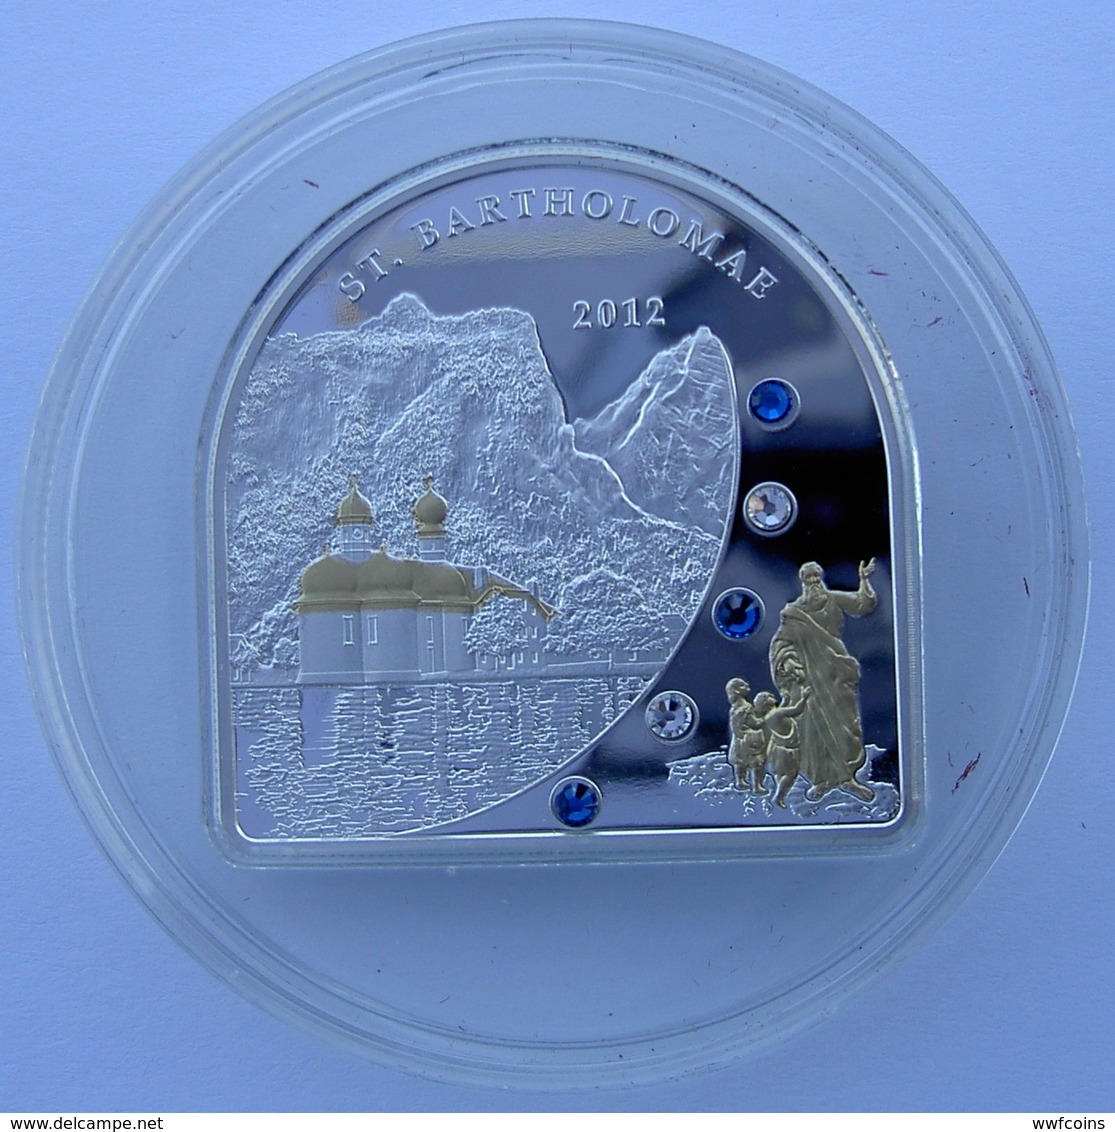 COOK ISLANDS 5 $ 2012 ARGENTO PROOF 999 SILVER+GOLD+SWAROVSKI SAINT BARTHOLOMAE PESO 25g. TITOLO 0,999 CONSERVAZIONE FON - Cook